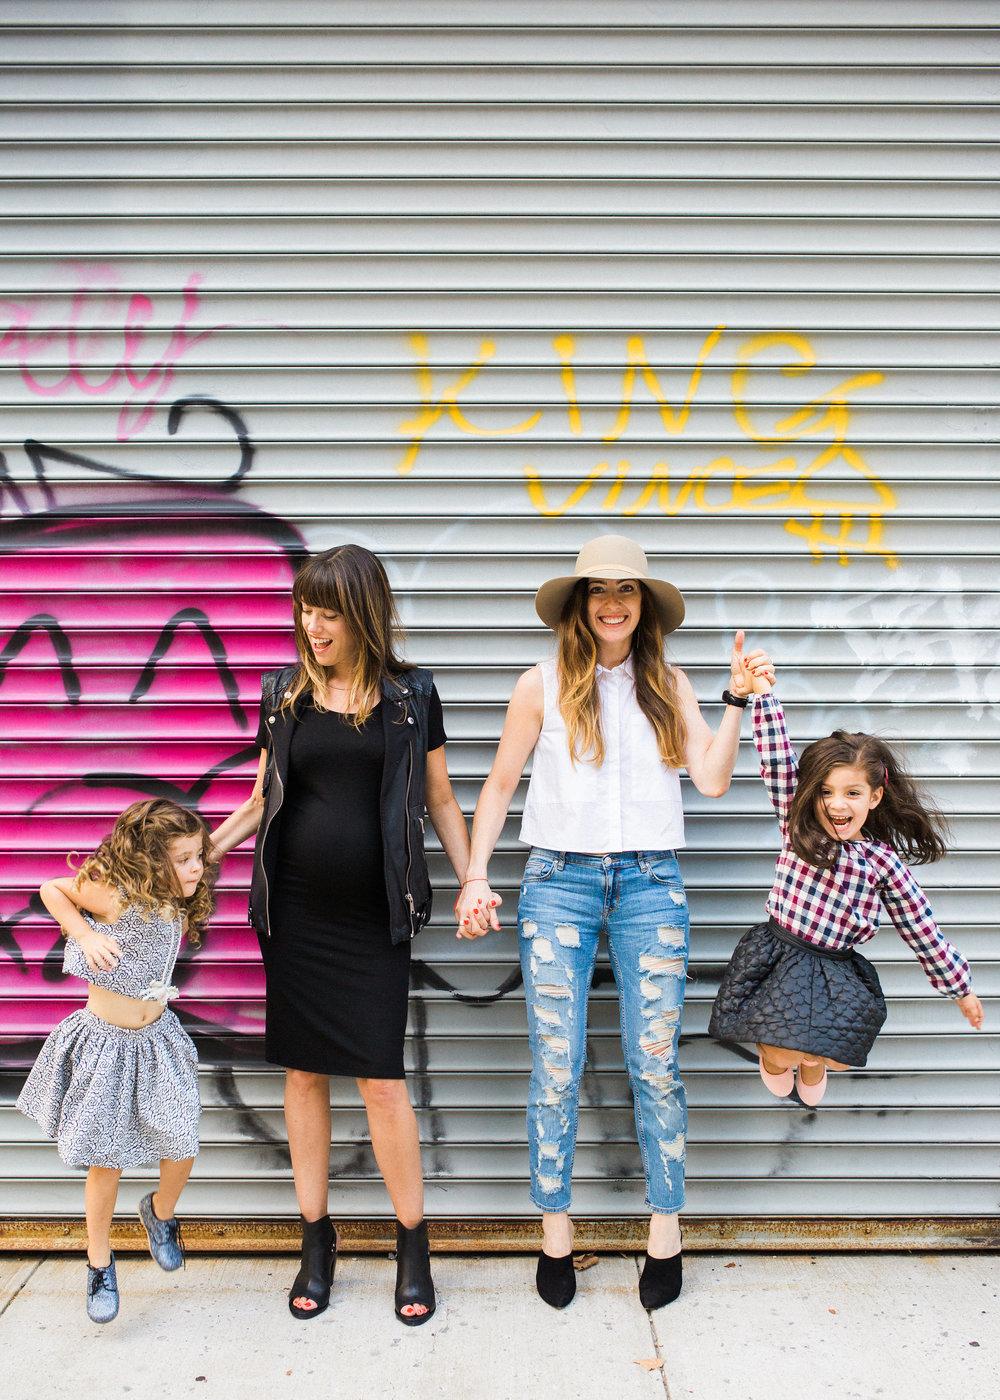 Monday's Mom Crush: HeyMama || Amri + Katya  by popular SLC mommy blogger Destiney of MomCrushMonday